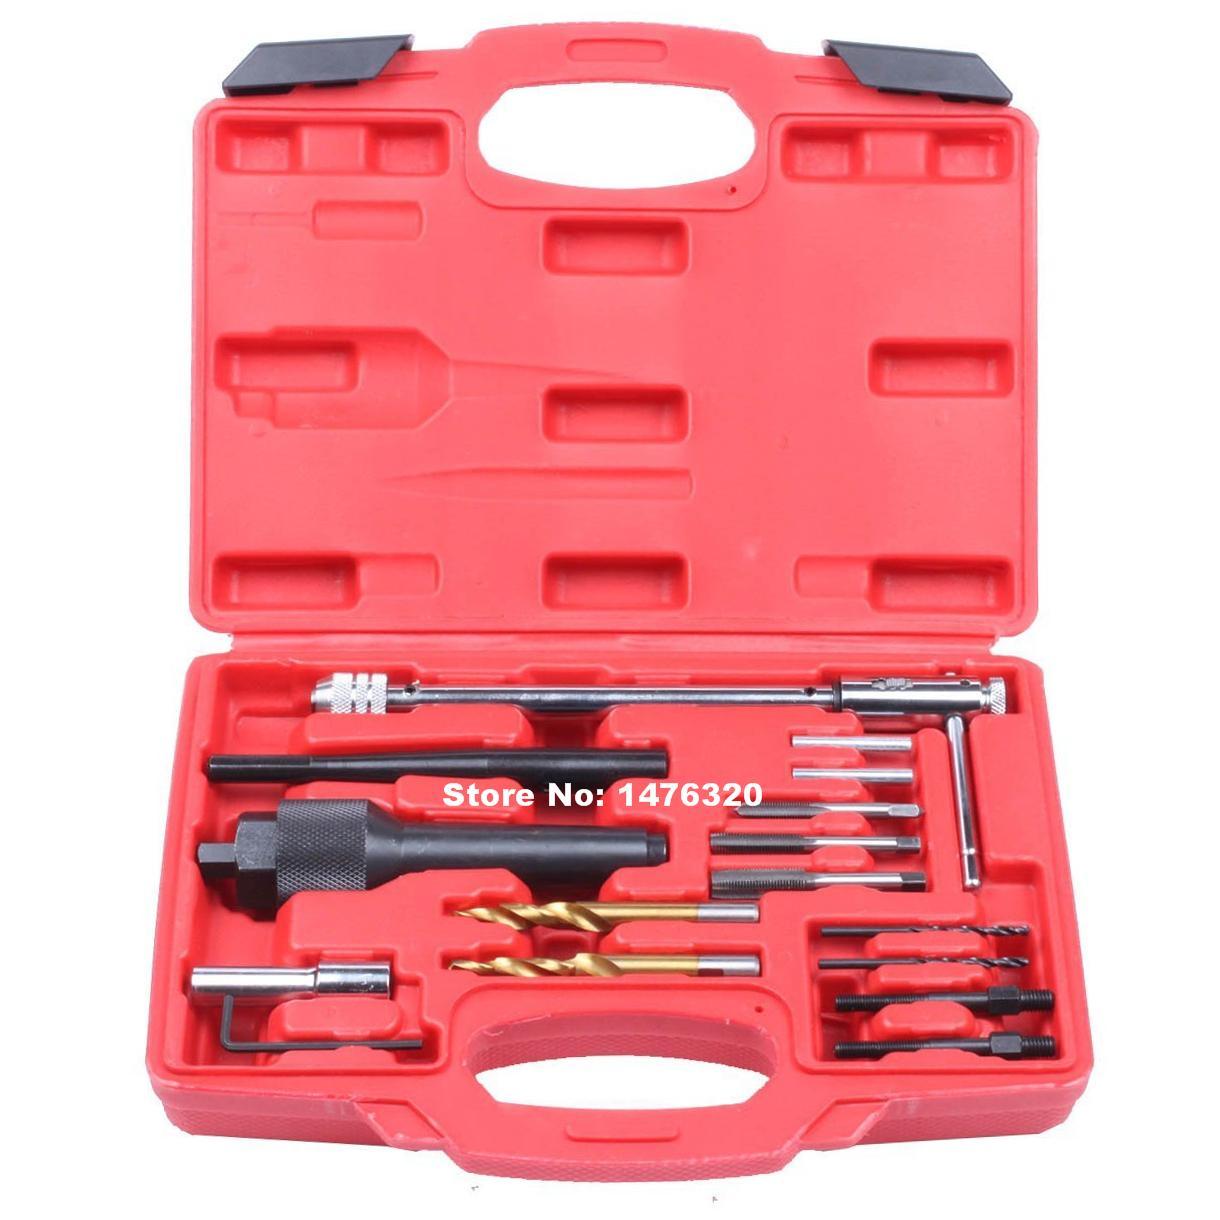 8mm 10mm outils de réparation de retrait de bougie de préchauffage endommagé outils de Garage de réparation automatique avec 1/4 M8 M10 robinet AT2031